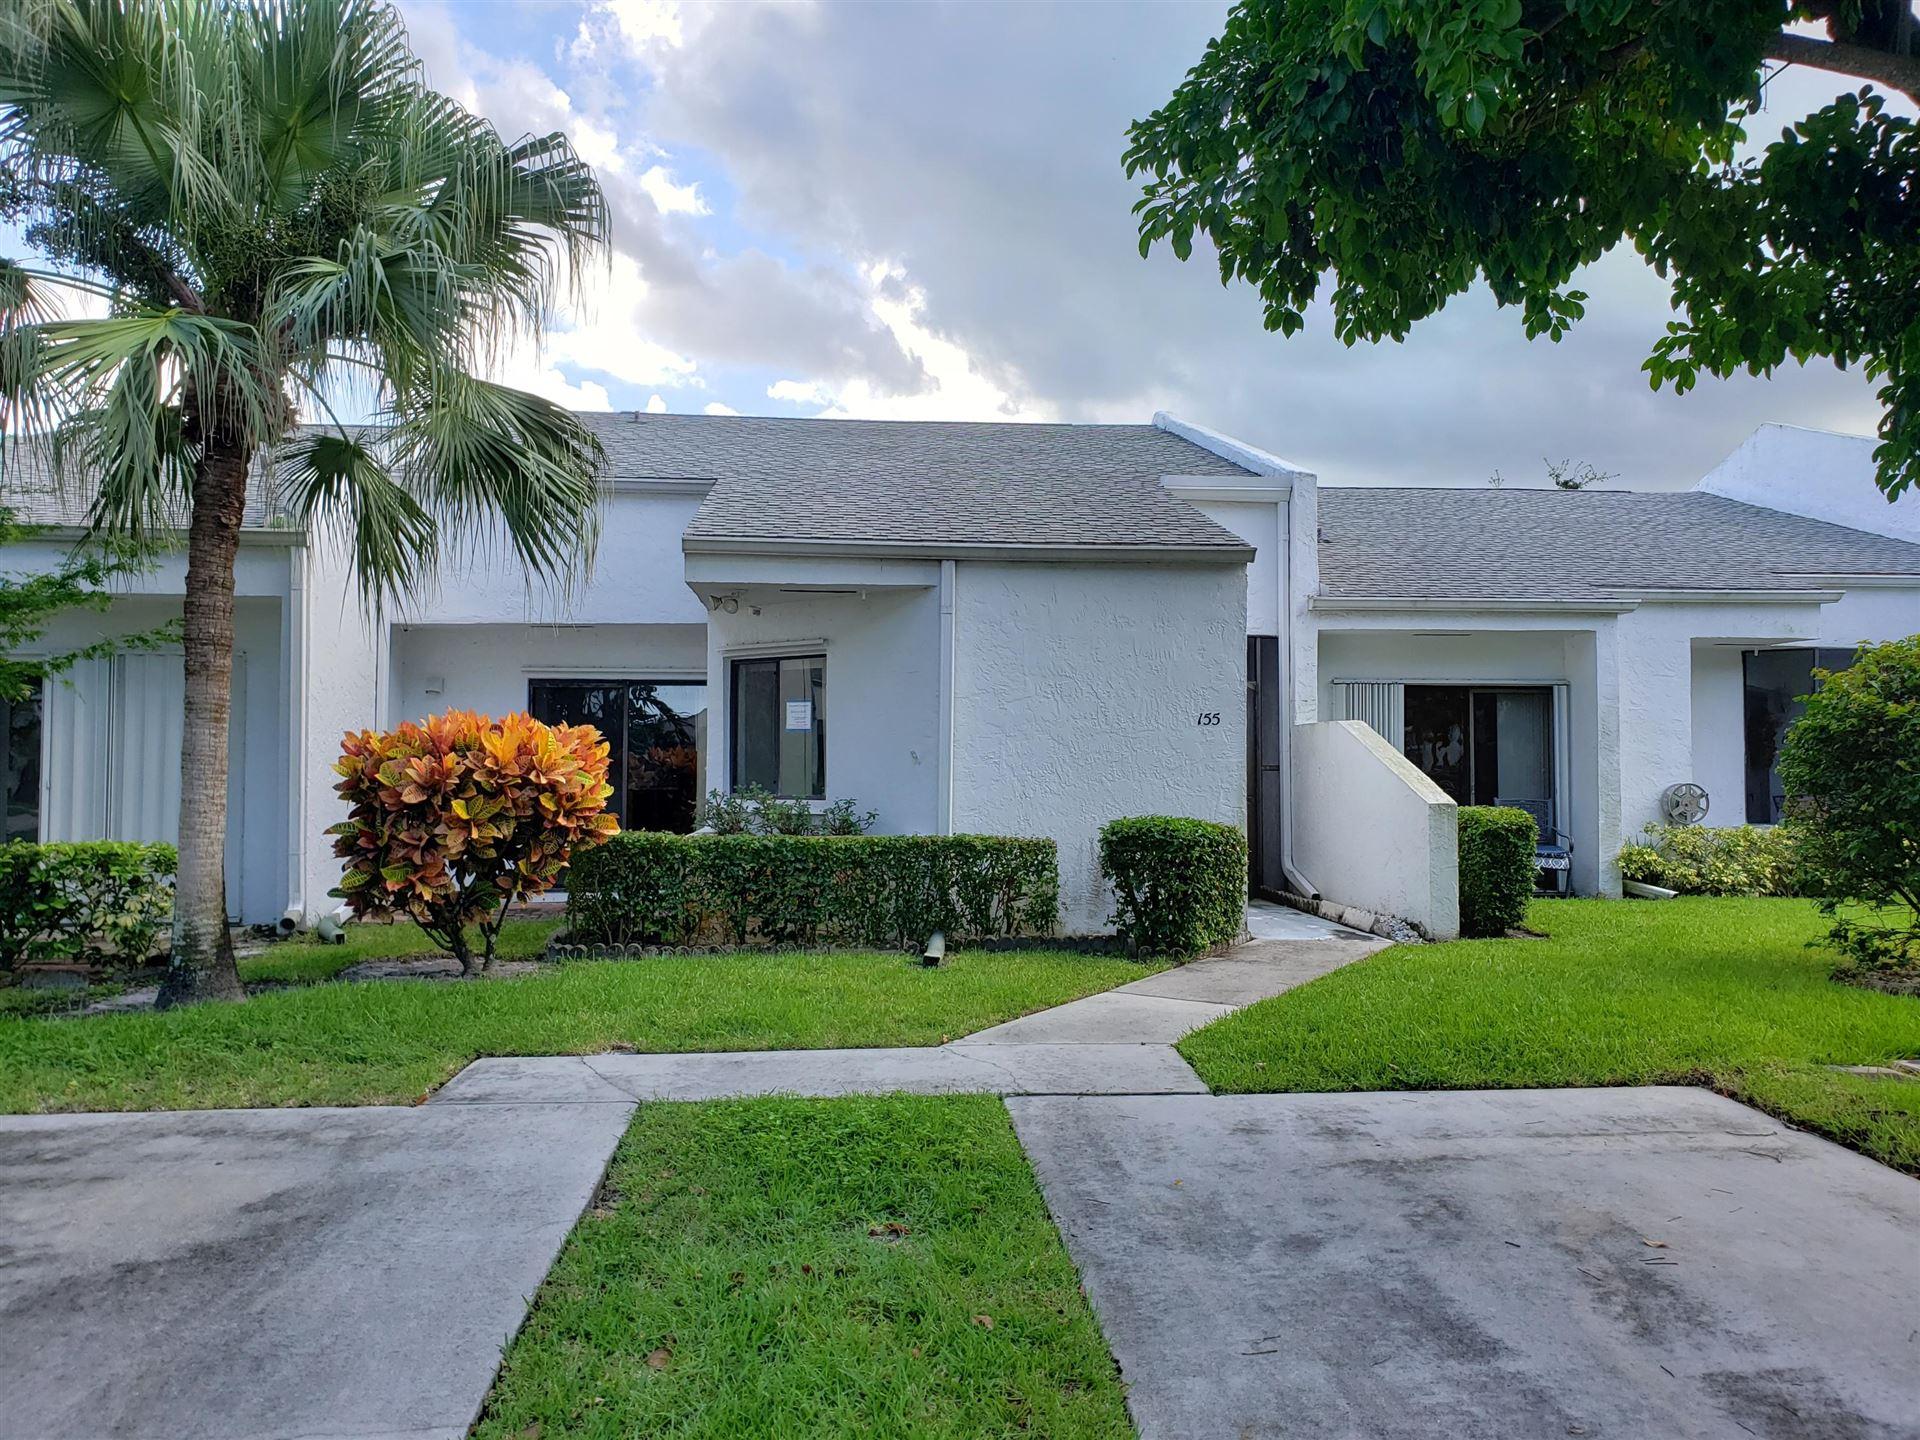 155 Love Cres Crescent, Royal Palm Beach, FL 33411 - #: RX-10651934